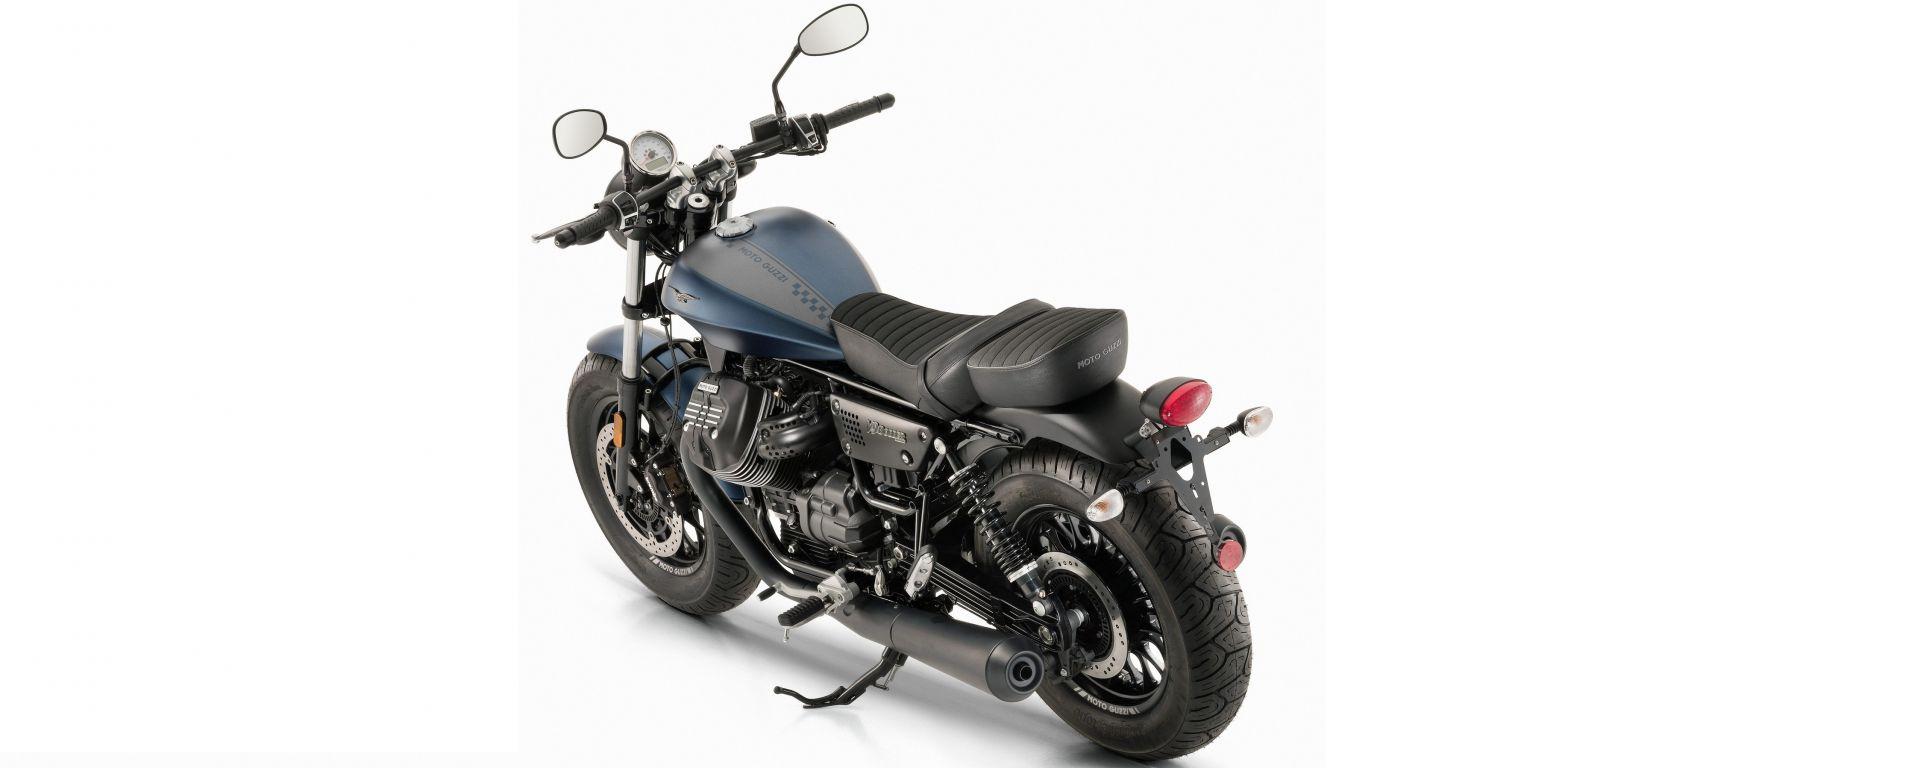 Moto Guzzi V9 MY 2018 Bobber